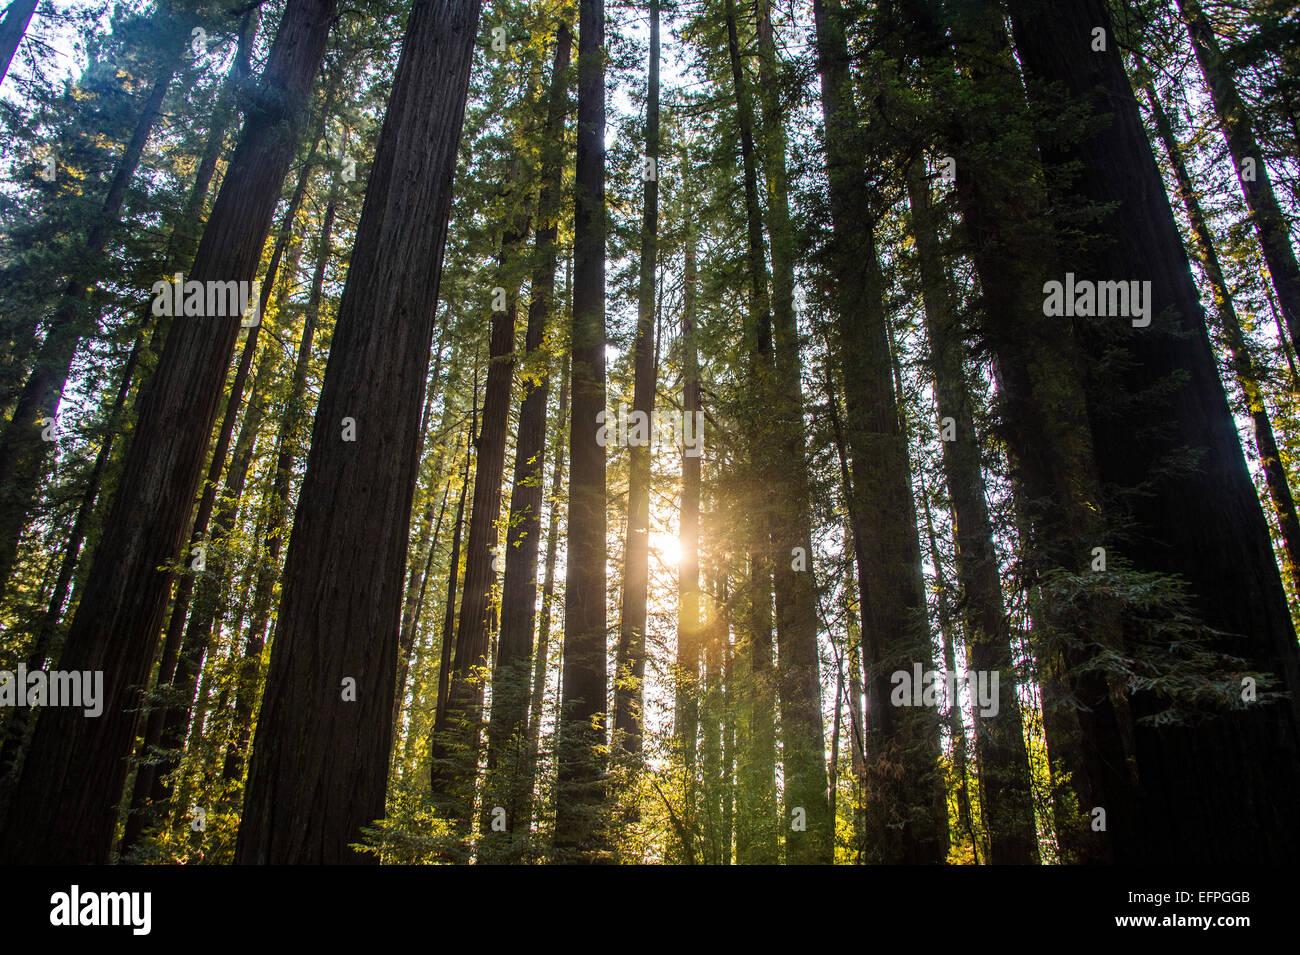 Sonne, brechen durch die Redwood-Bäume, Avenue of Giants, Nord-Kalifornien, USA Stockbild